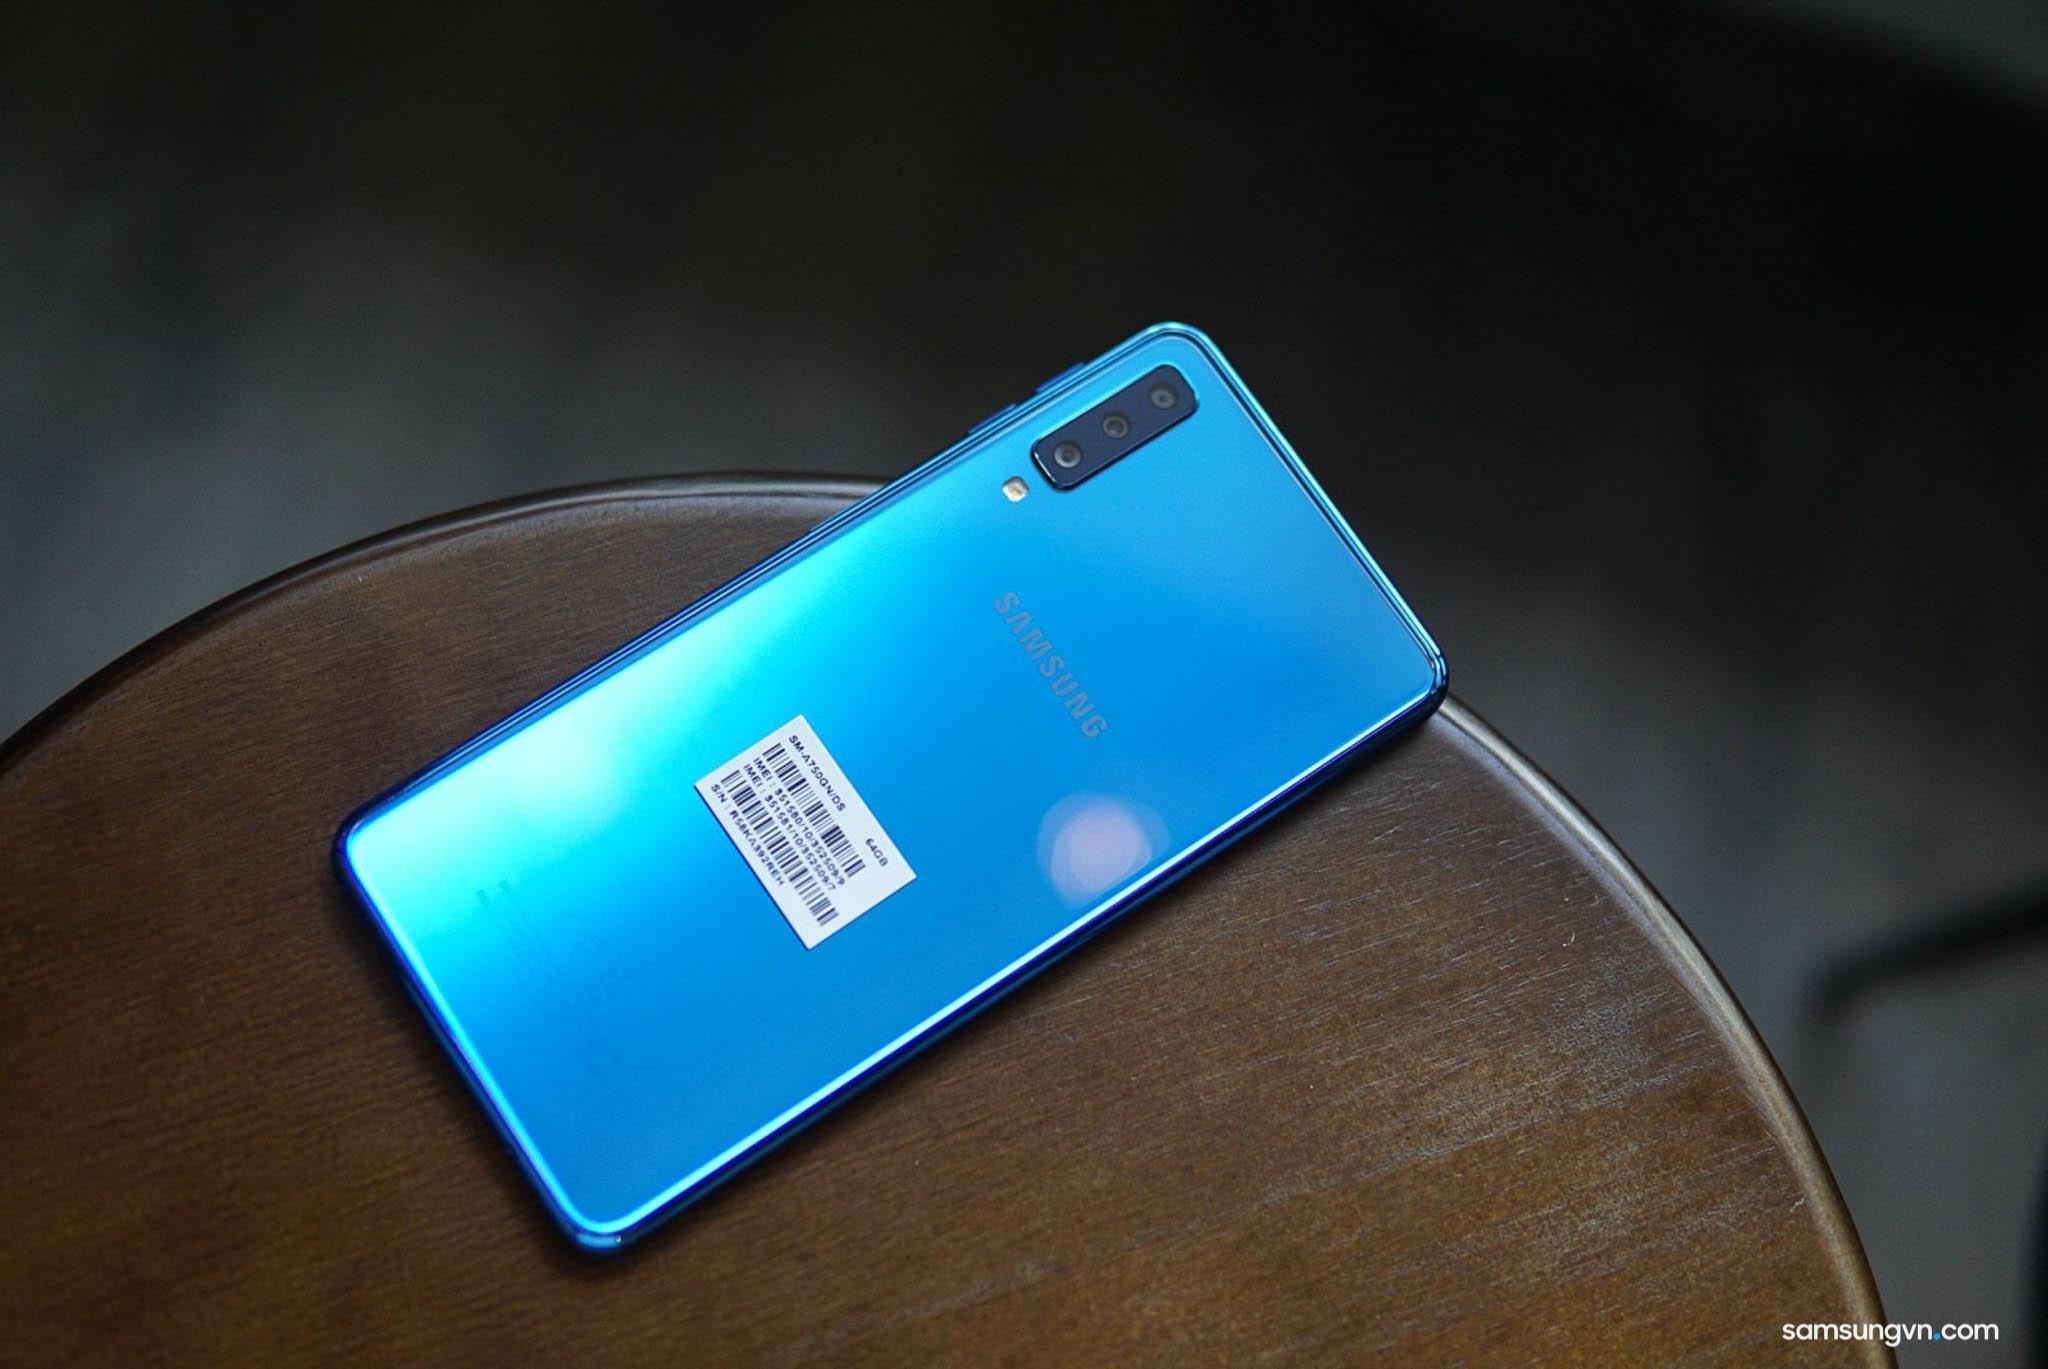 Mở hộp Galaxy A7 (2018): máy đẹp, có tặng dán màn hình và ốp lưng